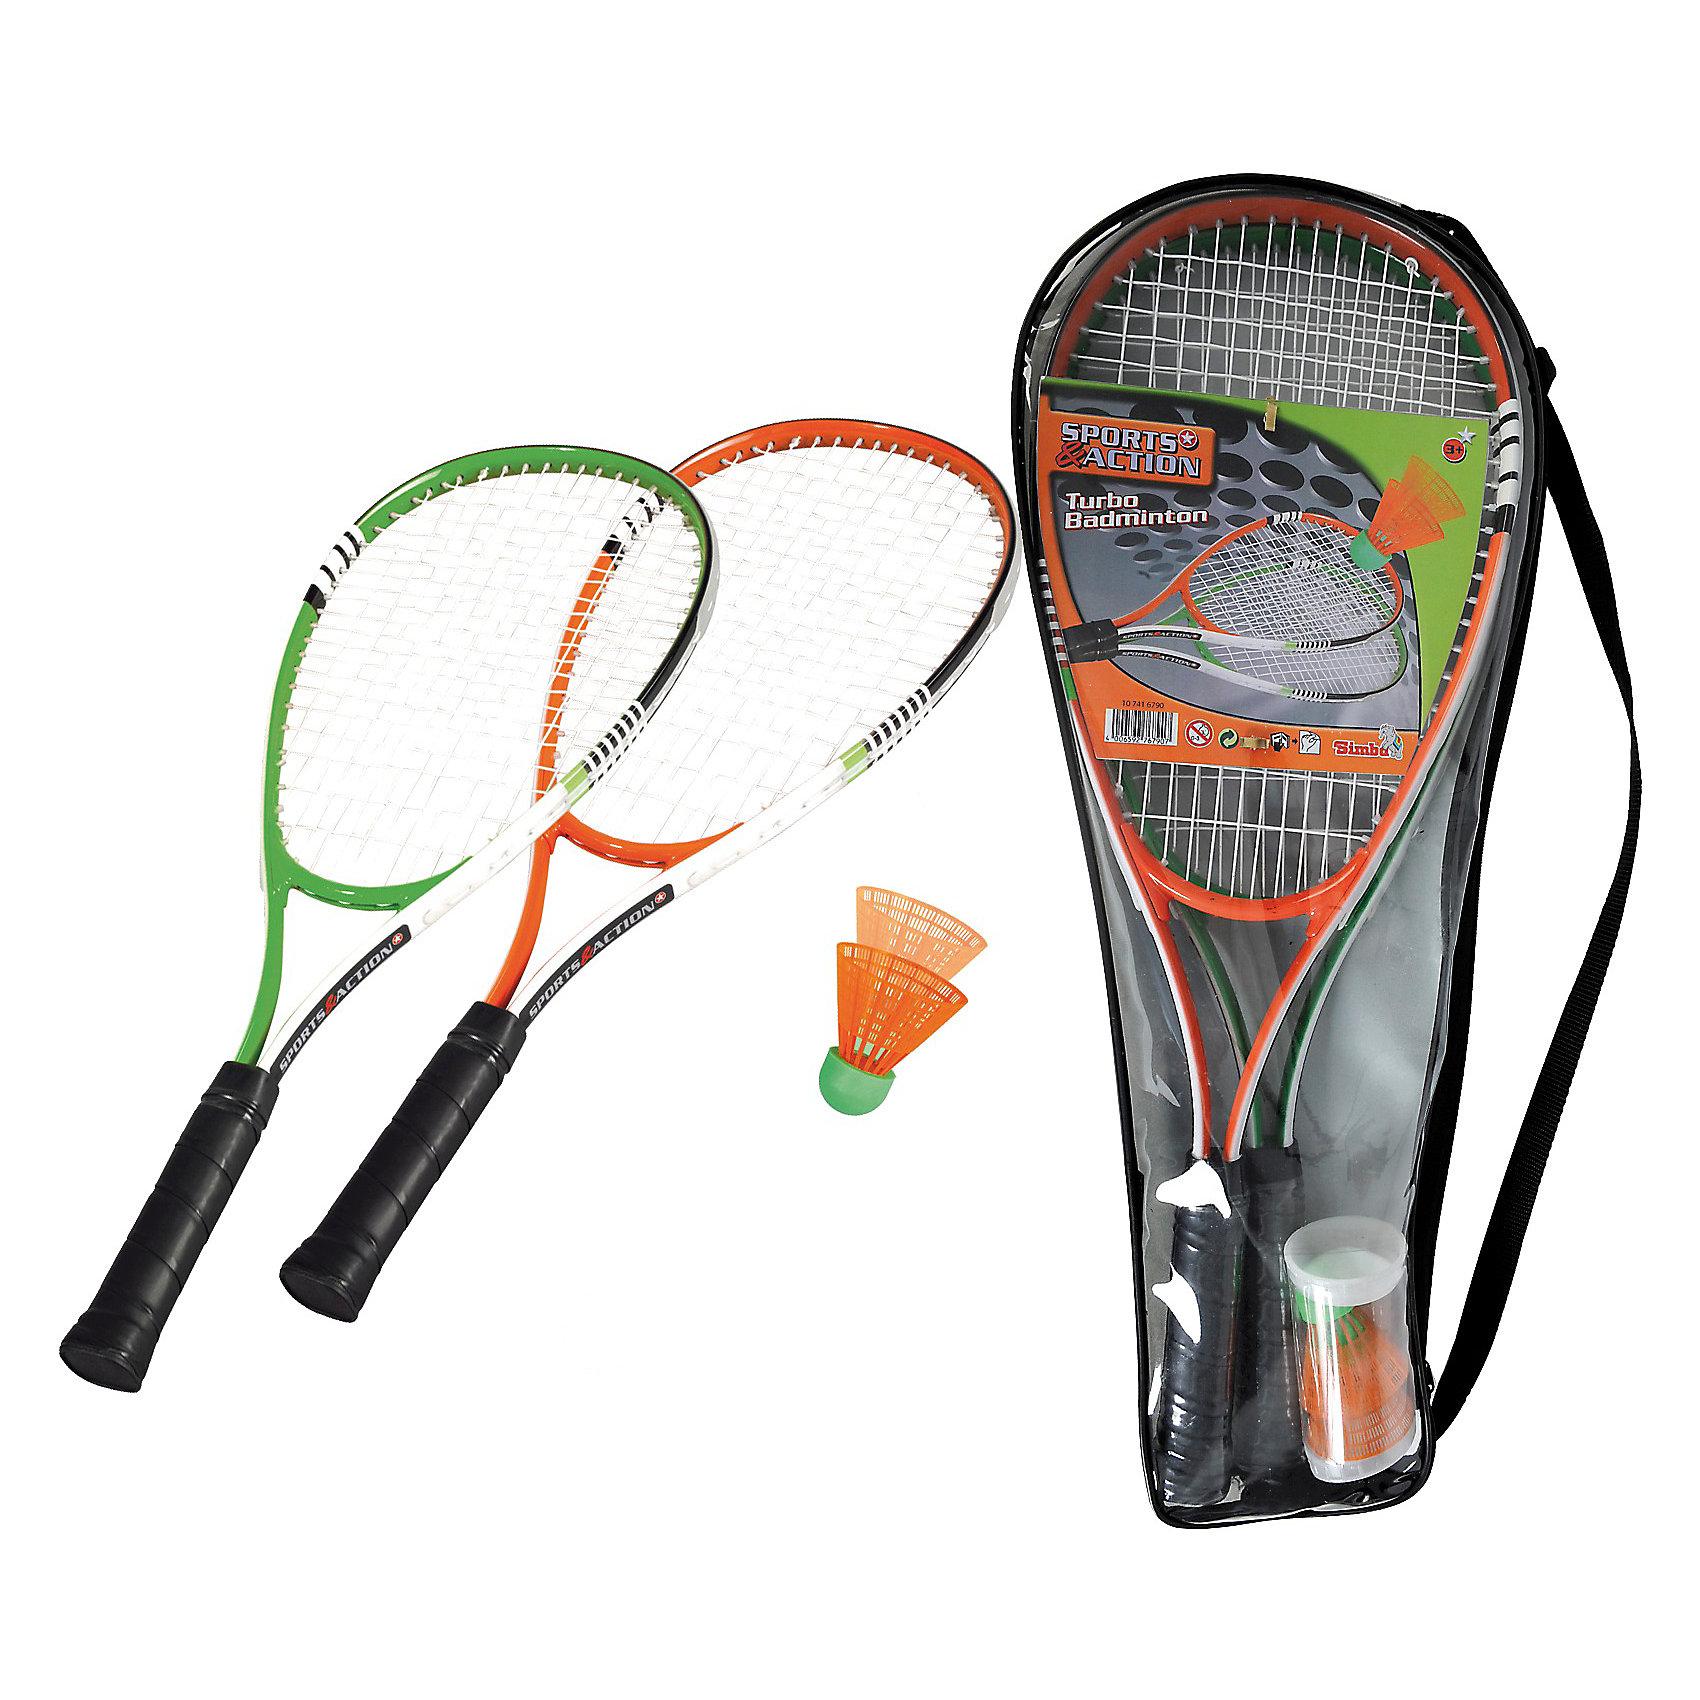 Simba Турбо-бадминтон, 2 ракетки, 2 мячикаБадминтон и теннис<br>Турбо-бадминтон от Simba подарит много спортивных, азартных часов на свежем воздухе. Легкие удобные ракетки и яркие оранжевые воланчики можно будет легко разыскать в траве. В наборе: две ракетки для бадминтона, 2 воланчика для игры в бадминтон.. Набор упакован в удобную сумку с ручкой<br><br>Дополнительная информация:        <br><br>-Размер:  61х24х5 см.<br>-Размер упаковки: 0,7х0,2х0,6 м.<br>-Вес:  4, 2 кг.<br><br>Игра развивает ловкость и координацию движений. <br>Приобрести набор для бадминтона можно в нашем магазине<br><br>Ширина мм: 597<br>Глубина мм: 238<br>Высота мм: 59<br>Вес г: 510<br>Цвет: красный<br>Возраст от месяцев: 60<br>Возраст до месяцев: 192<br>Пол: Унисекс<br>Возраст: Детский<br>SKU: 2530663